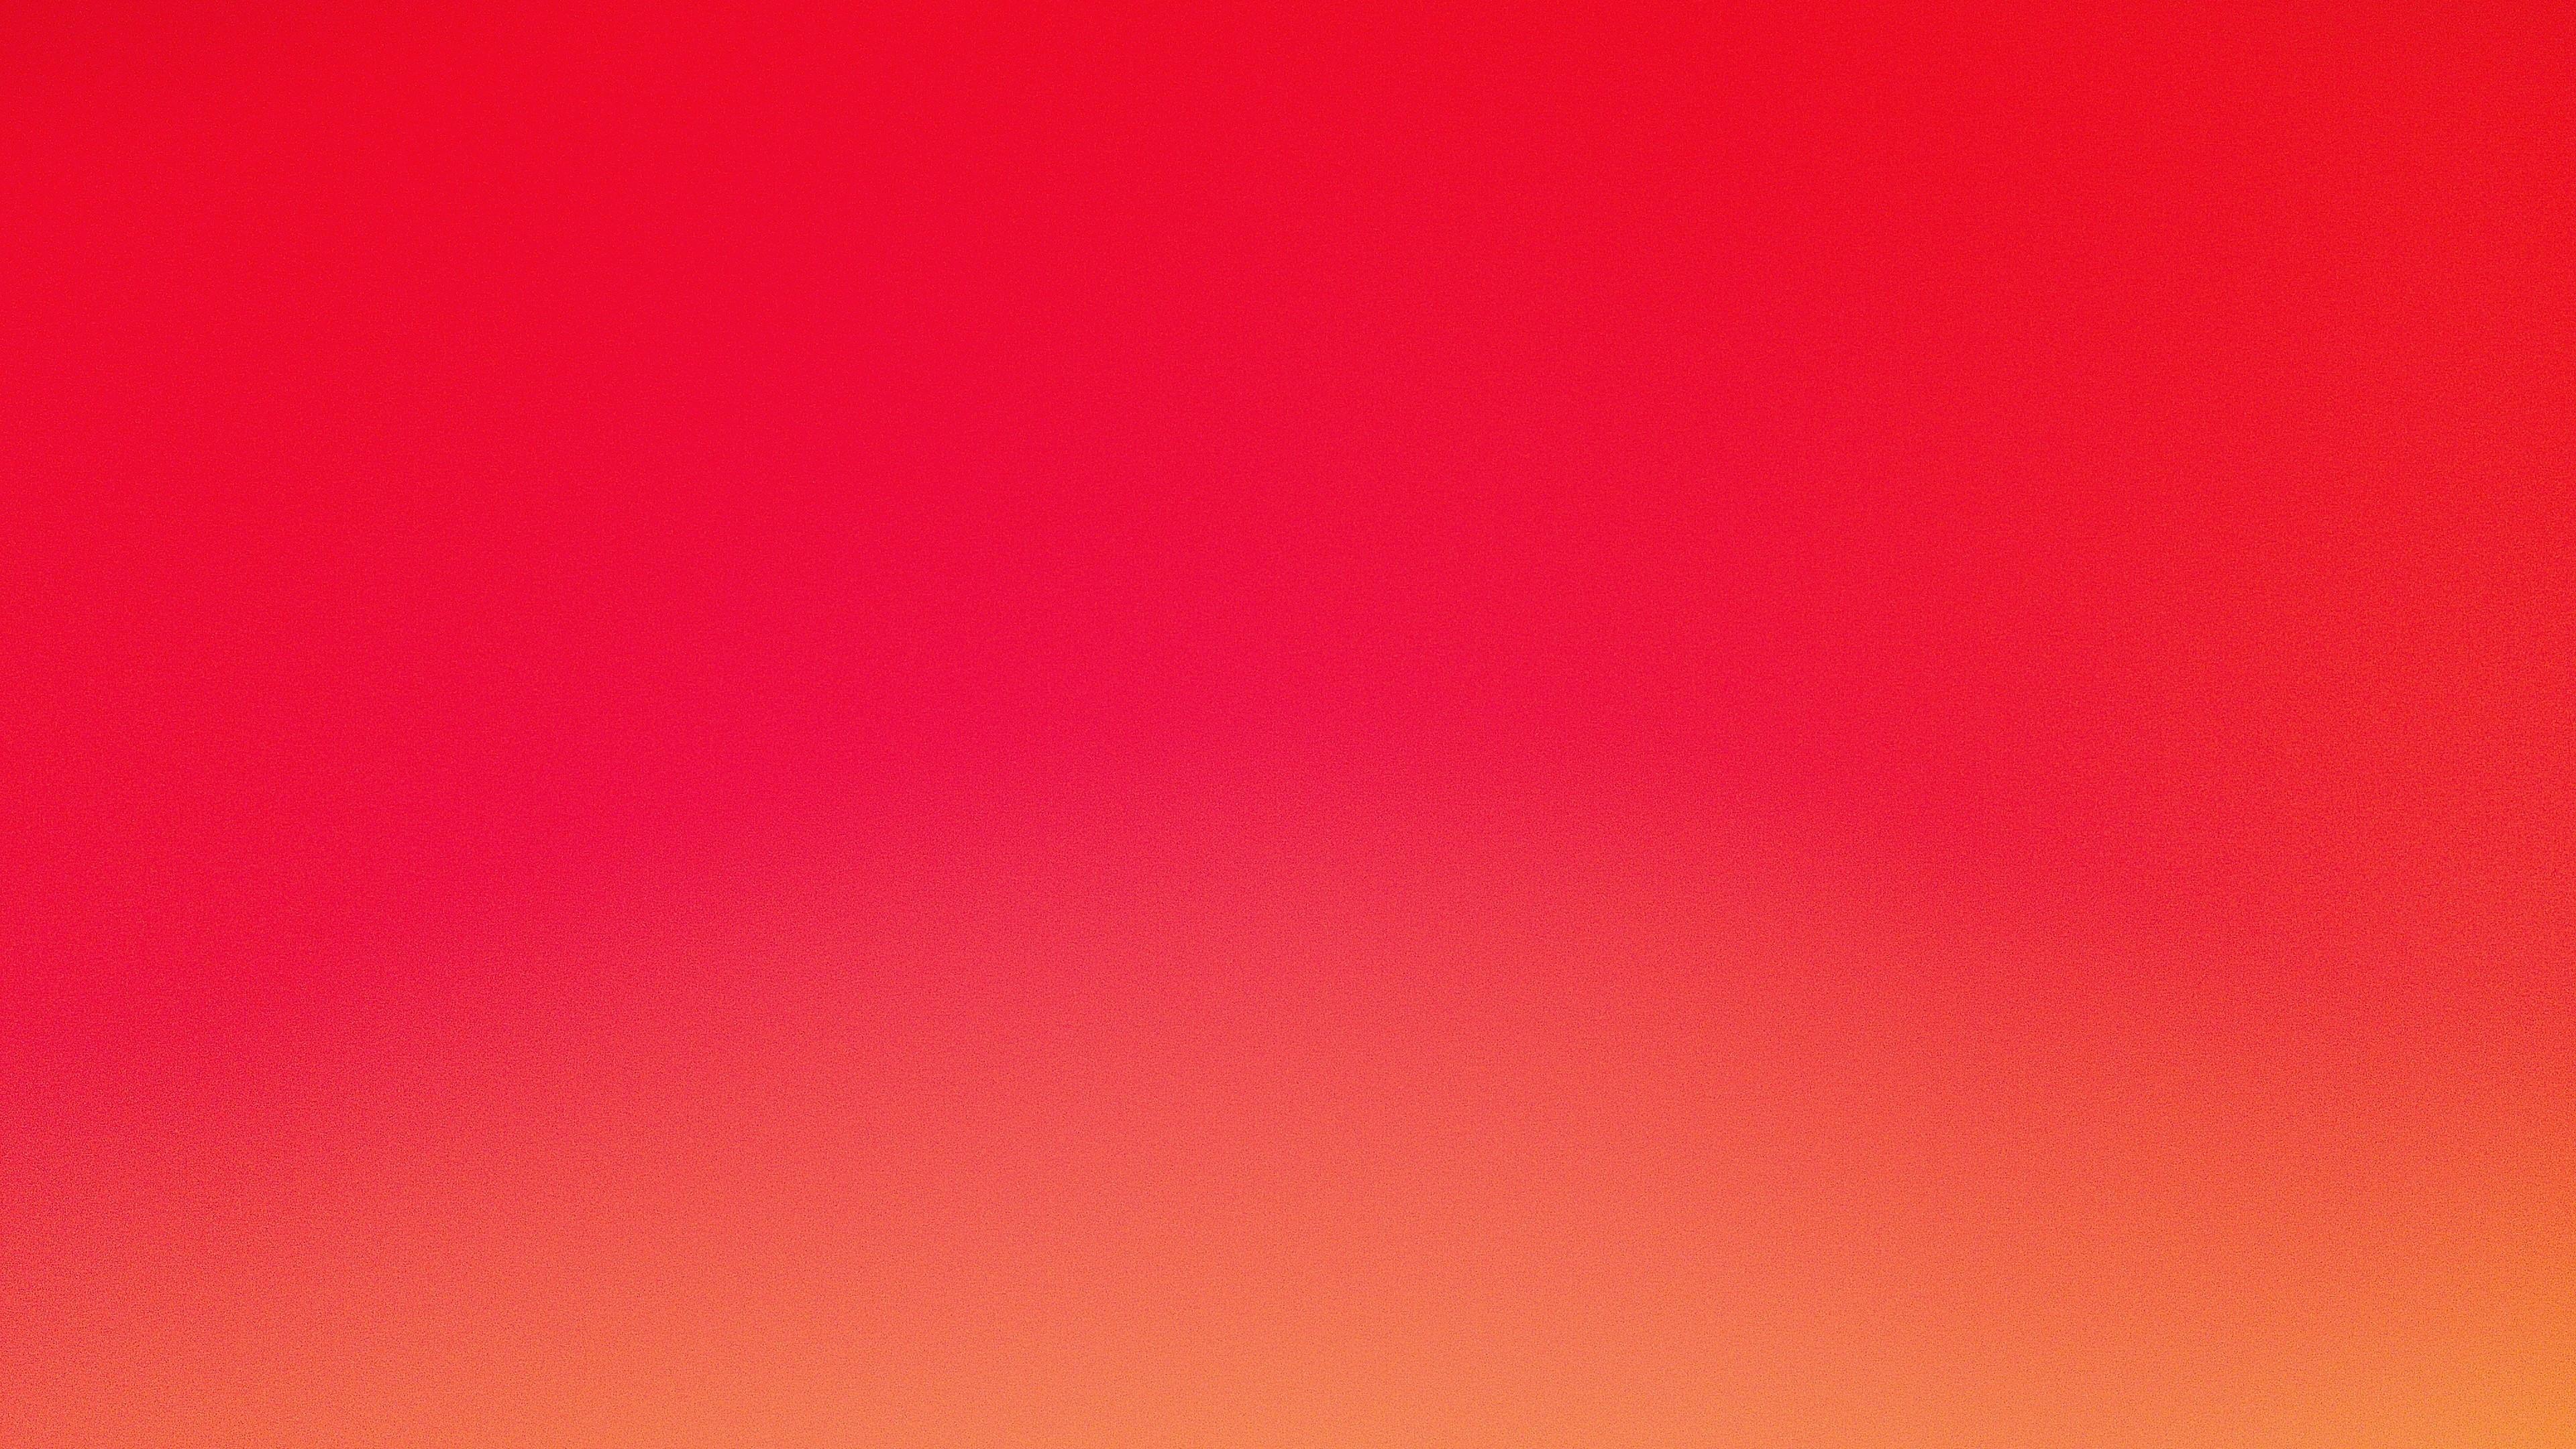 gradient red orange 4k 1553075336 - Gradient Red Orange 4k - hd-wallpapers, gradient wallpapers, abstract wallpapers, 4k-wallpapers